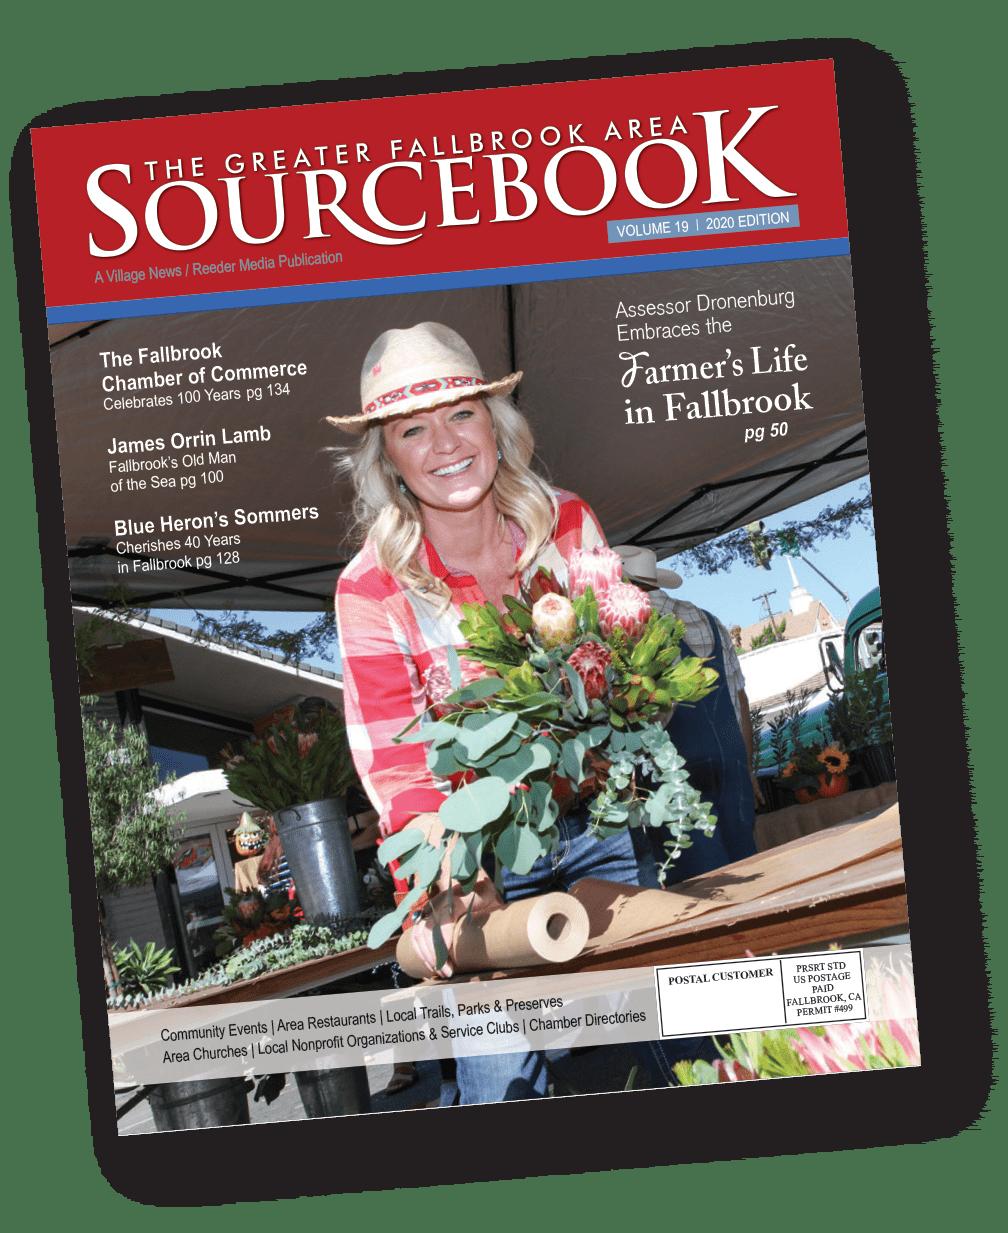 sourcebook 2020